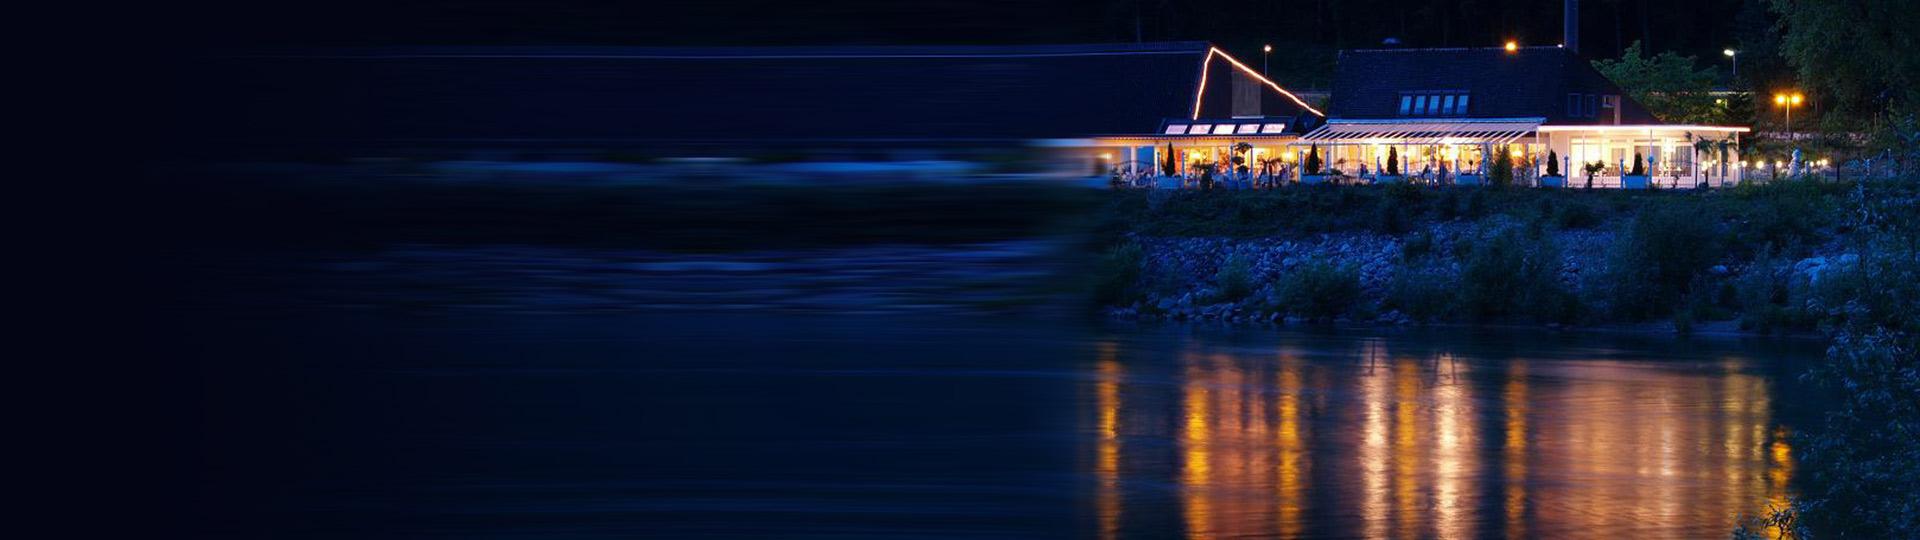 Restaurant Aareblick in der Nacht